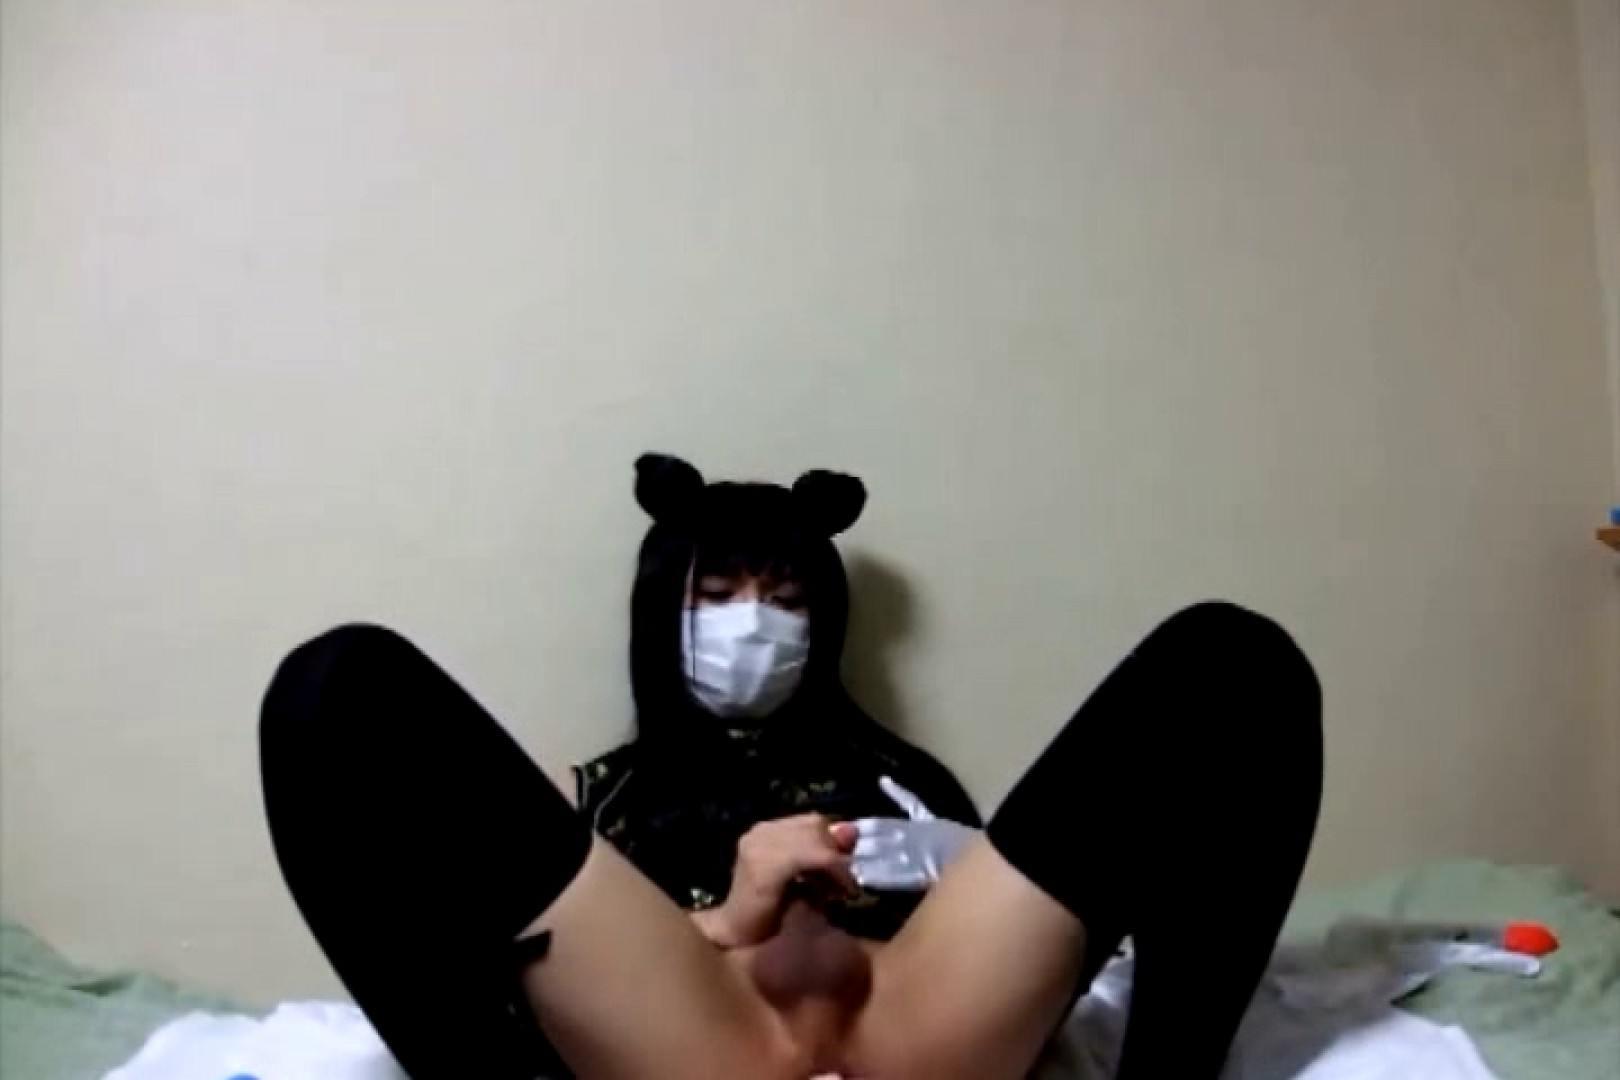 男のKOスプレー!Vol.05 お手で! | 流出物 AV動画 89pic 61